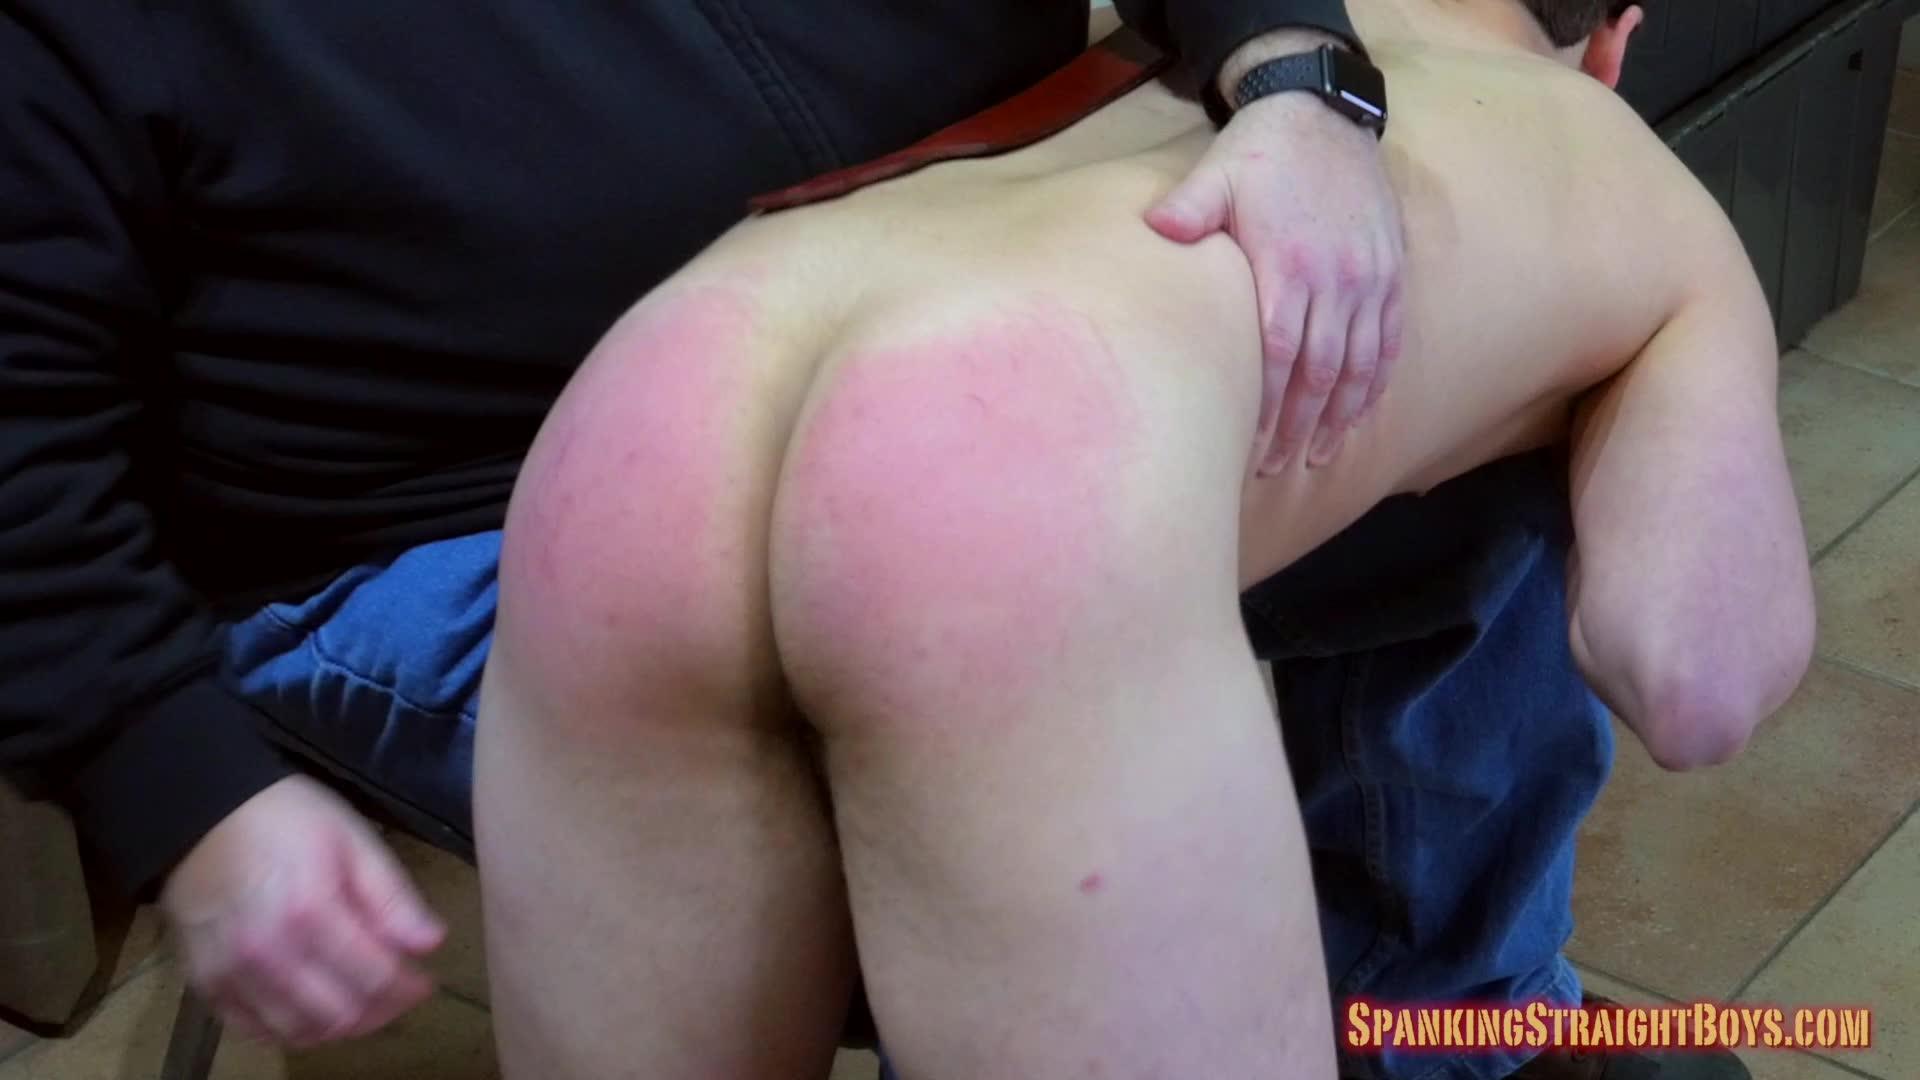 Hot muscular pornstar